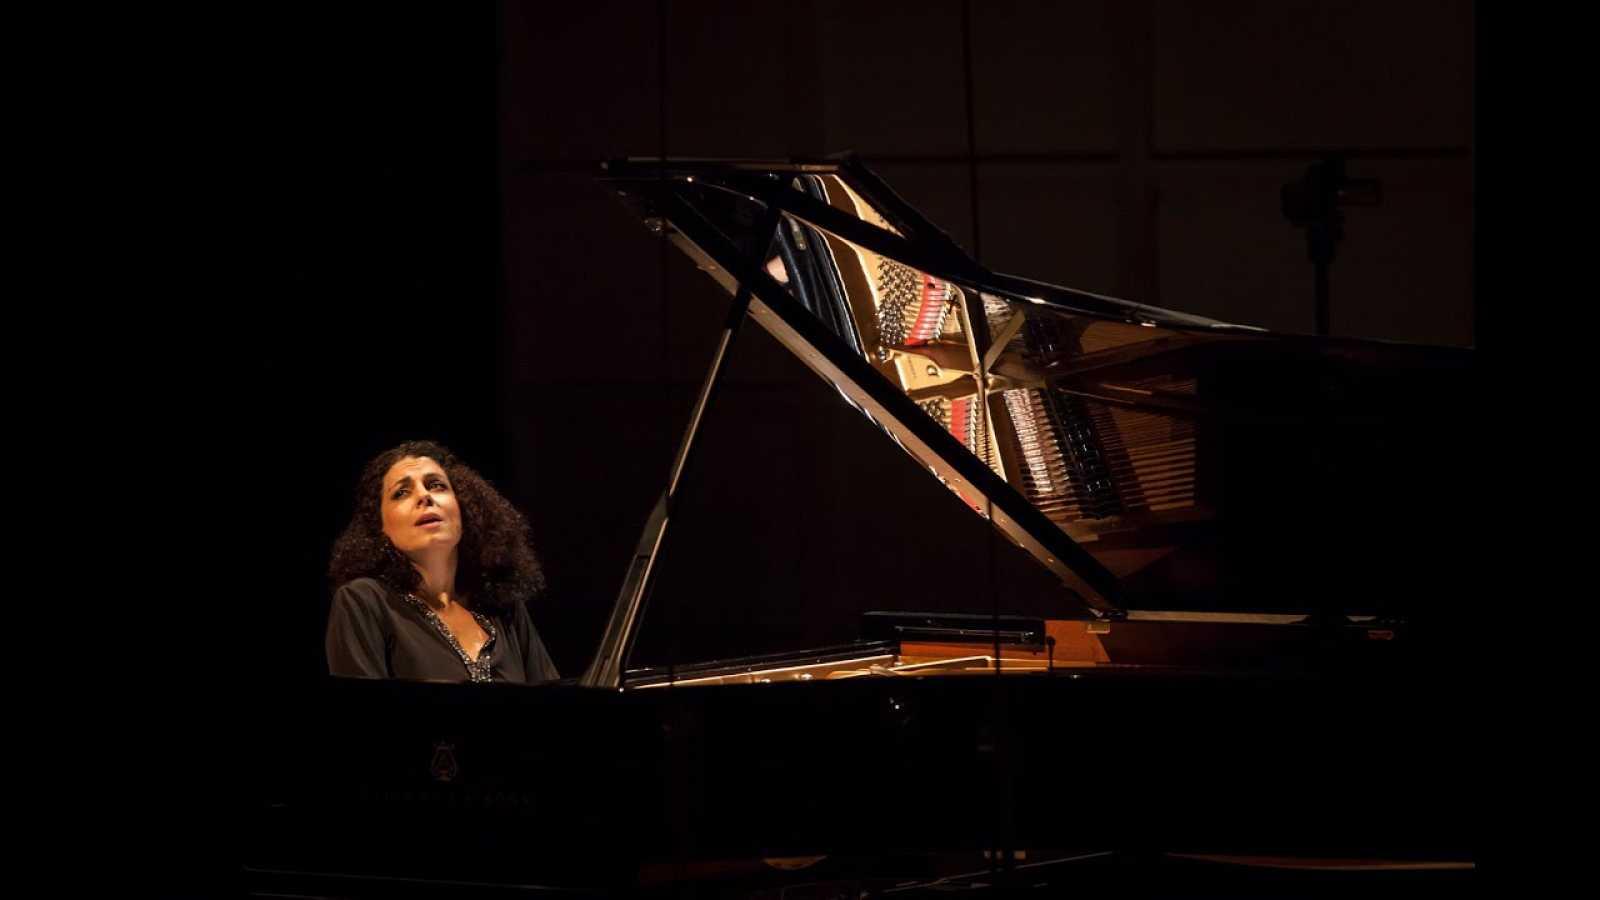 Programa de mano - Festival Internacional de Música de Cámara Joaquín Turina 2017 - 19/11/20 - escuchar ahora